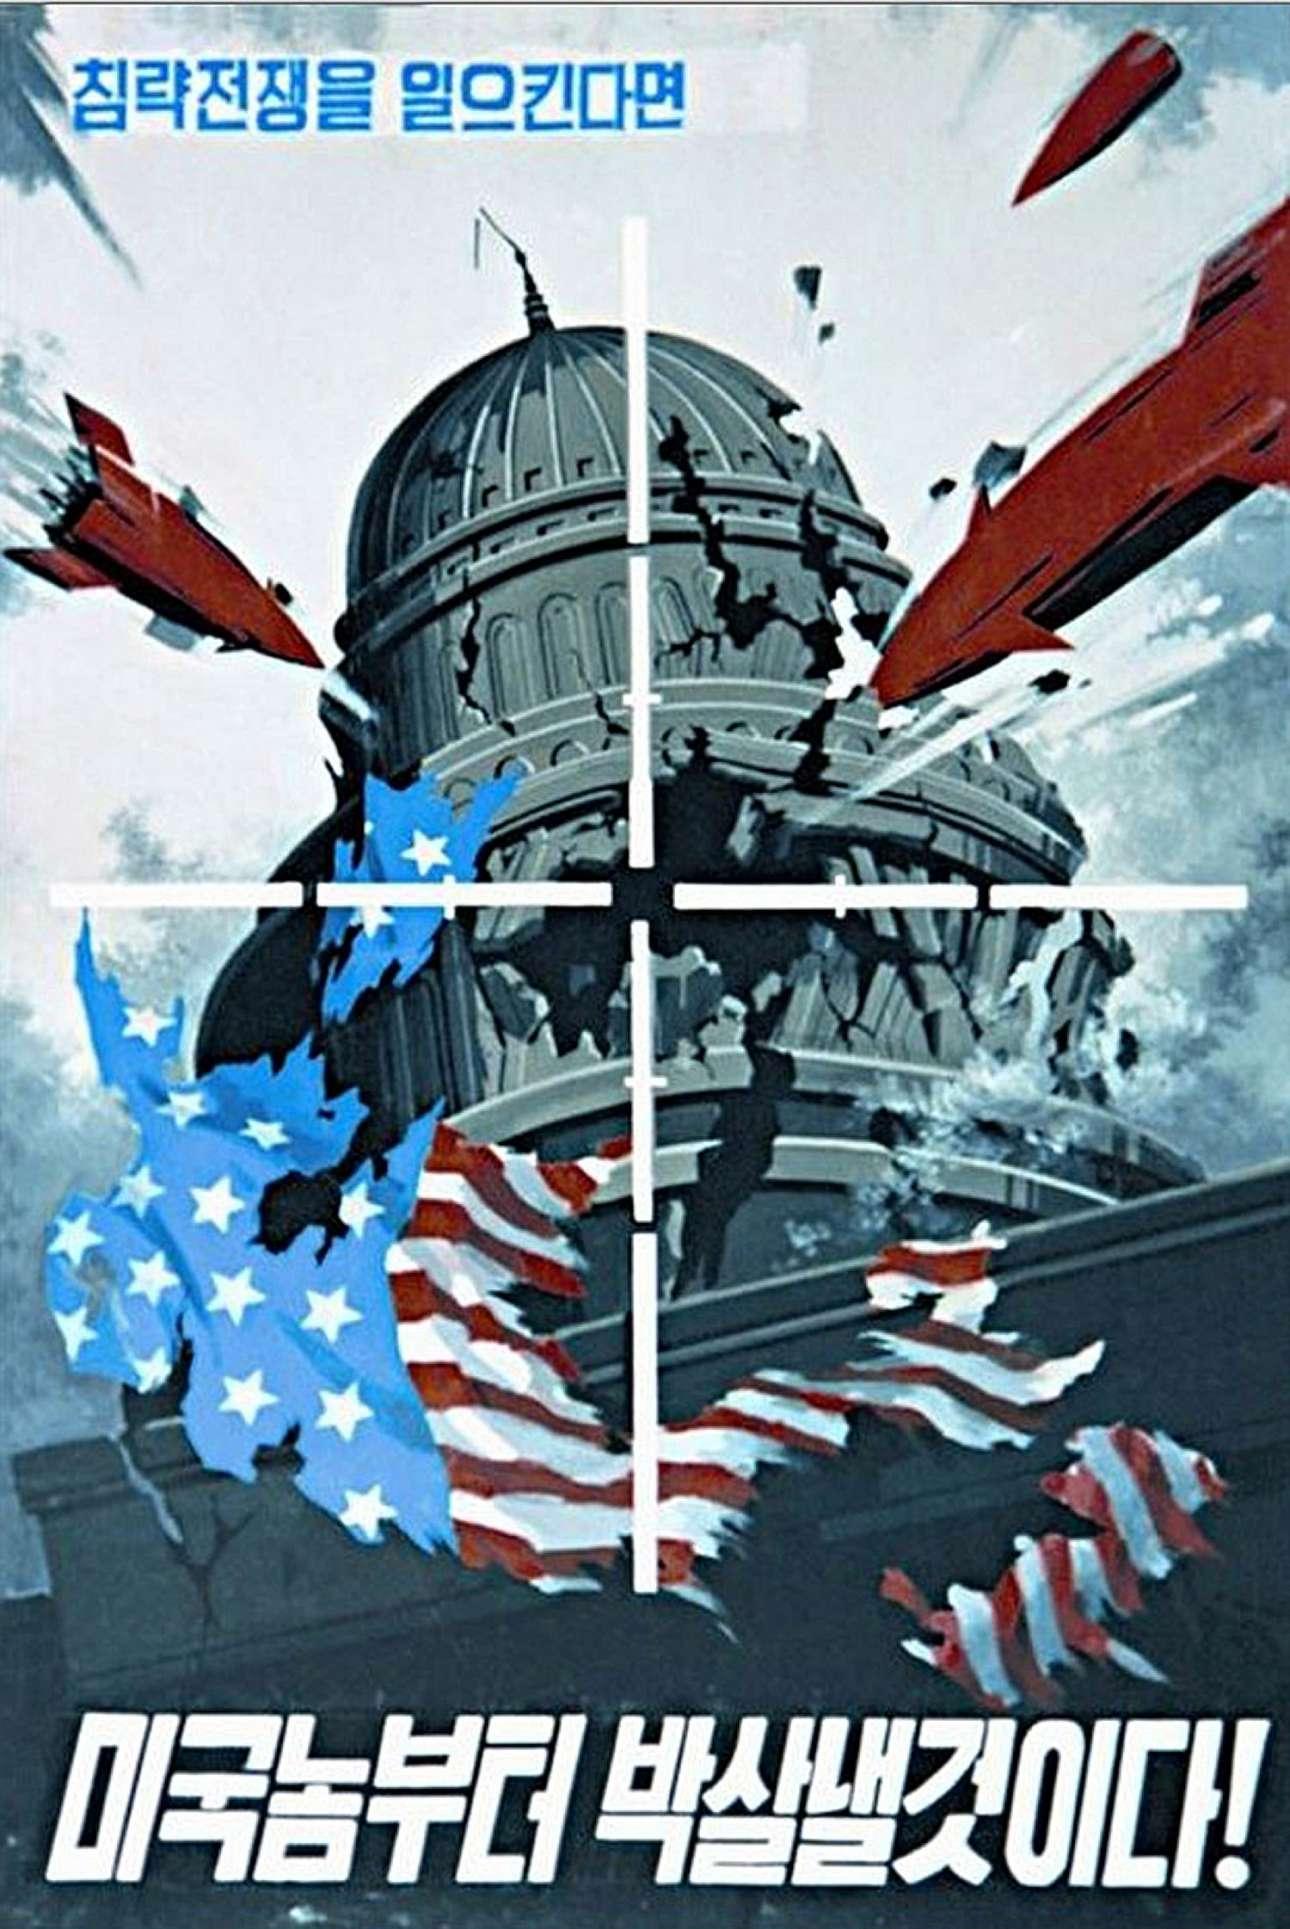 «Ξεκινήστε πόλεμο εναντίον μας» το σλόγκαν της επιθετικής αφίσας και συνεχίζει από κάτω λέγοντας: «Χτυπάμε τους αμερικανούς μπάσταρδους πρώτοι»